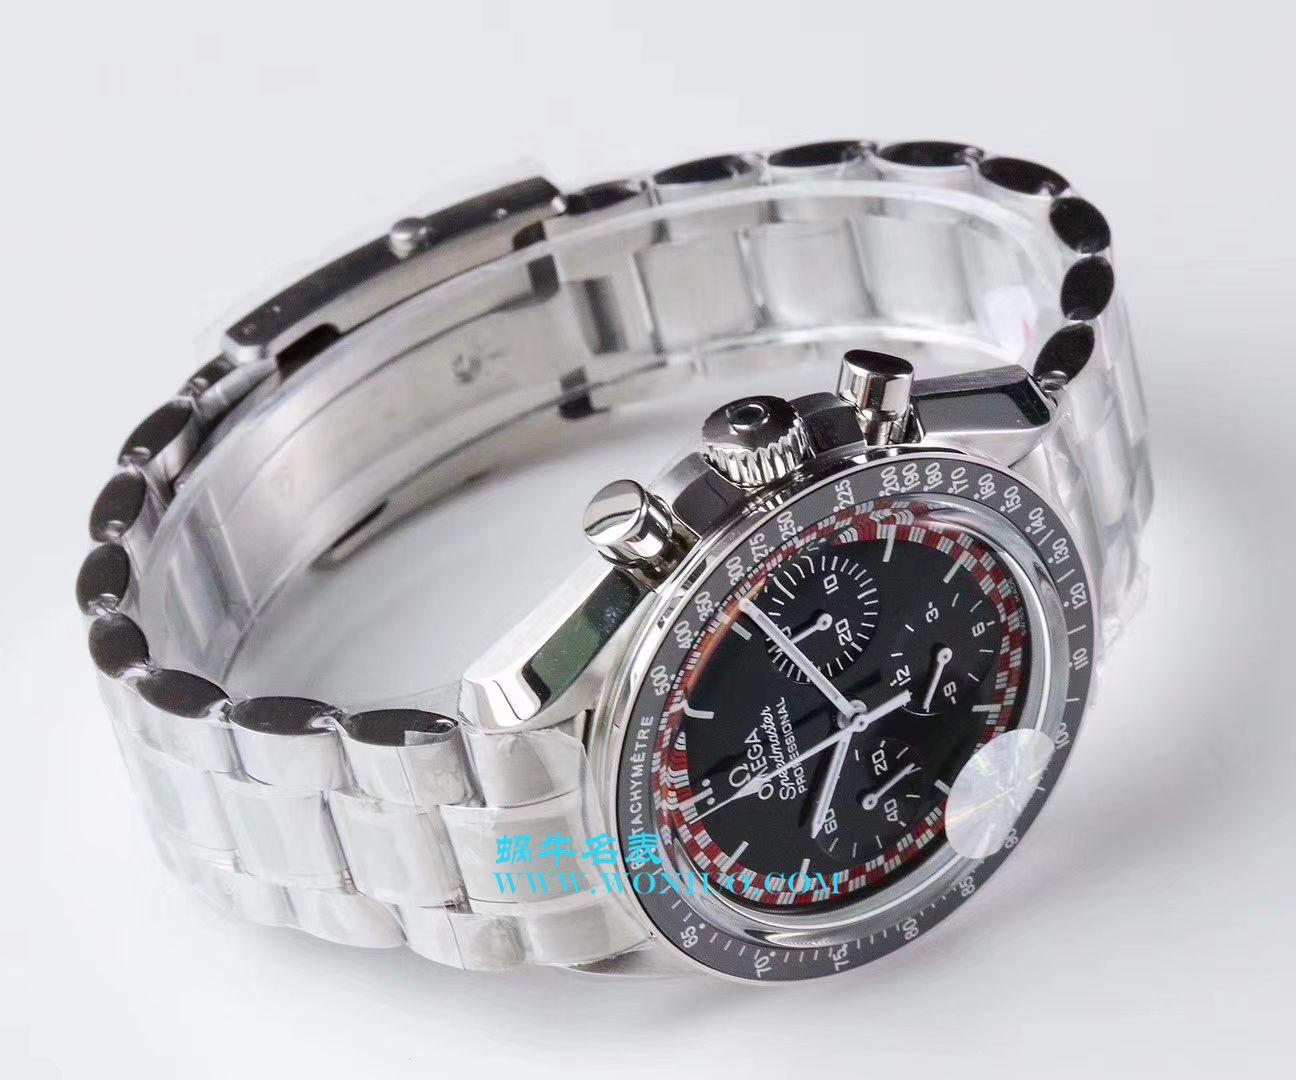 【JH1:1顶级精仿手表】欧米茄超霸系列311.30.42.30.01.004腕表 / M088